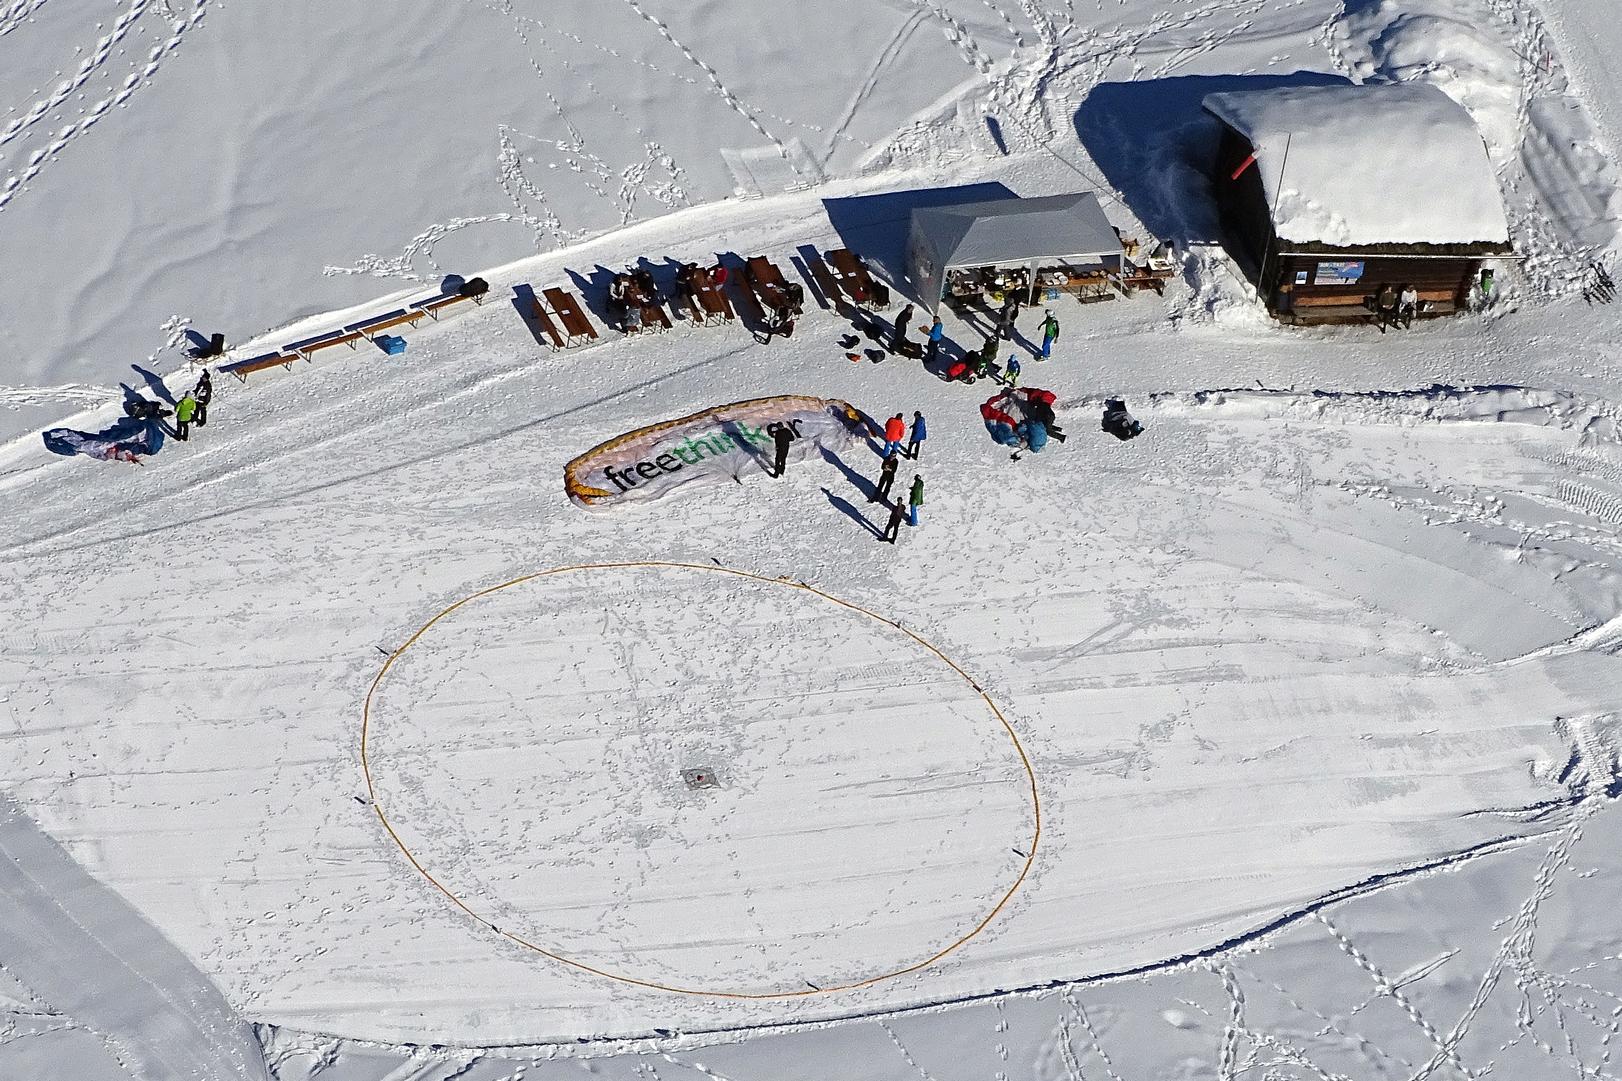 Landeplatz Paraschi 2019